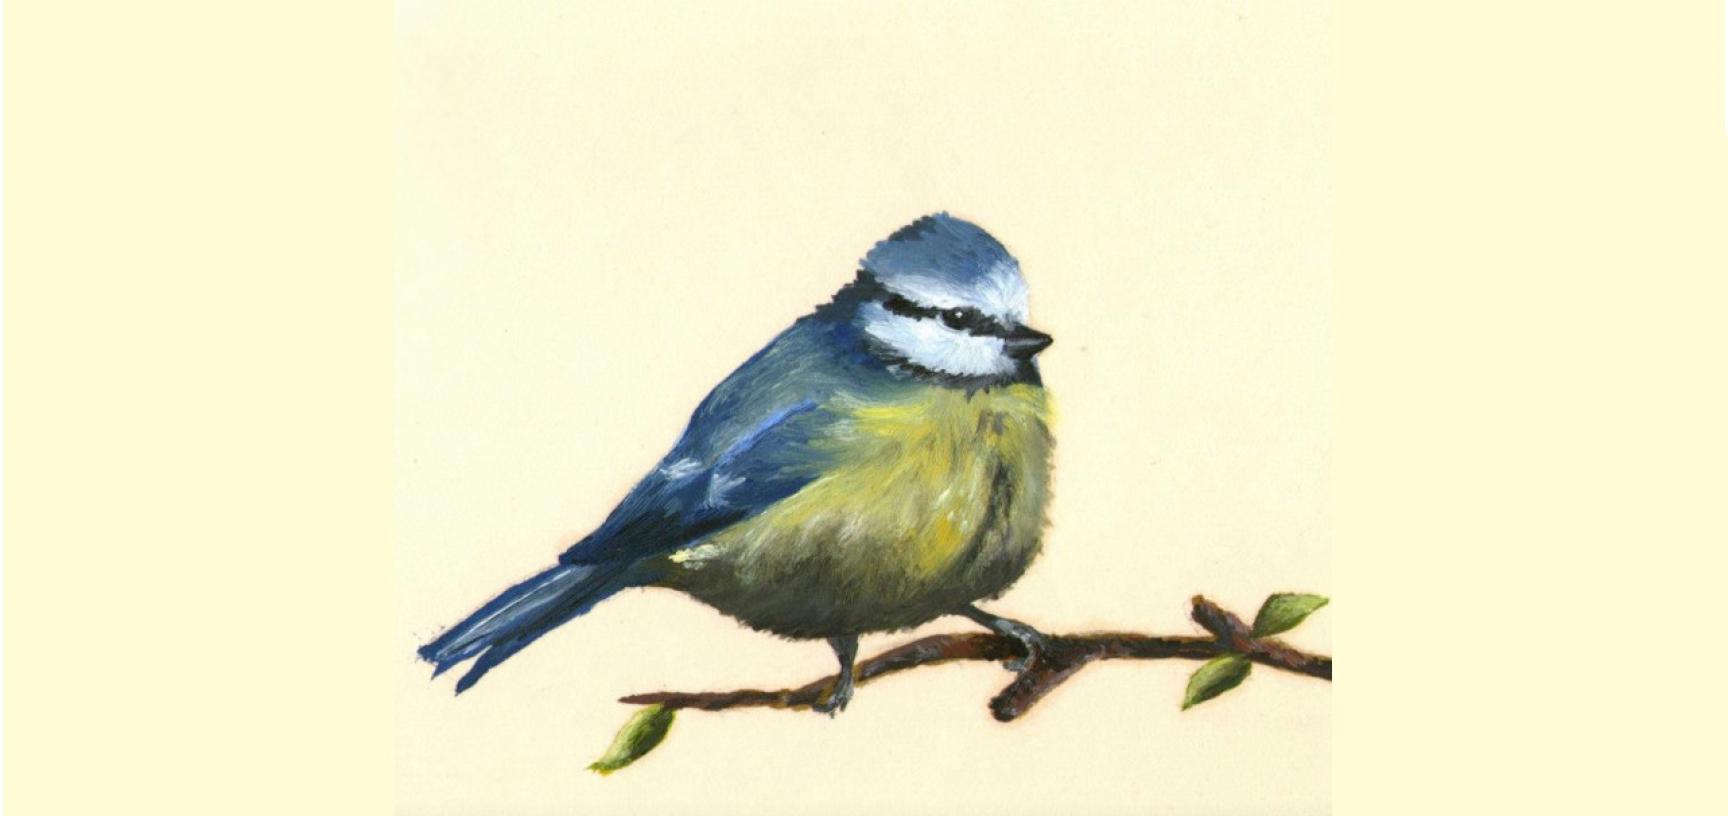 Blue tit by Jenny Hulmes